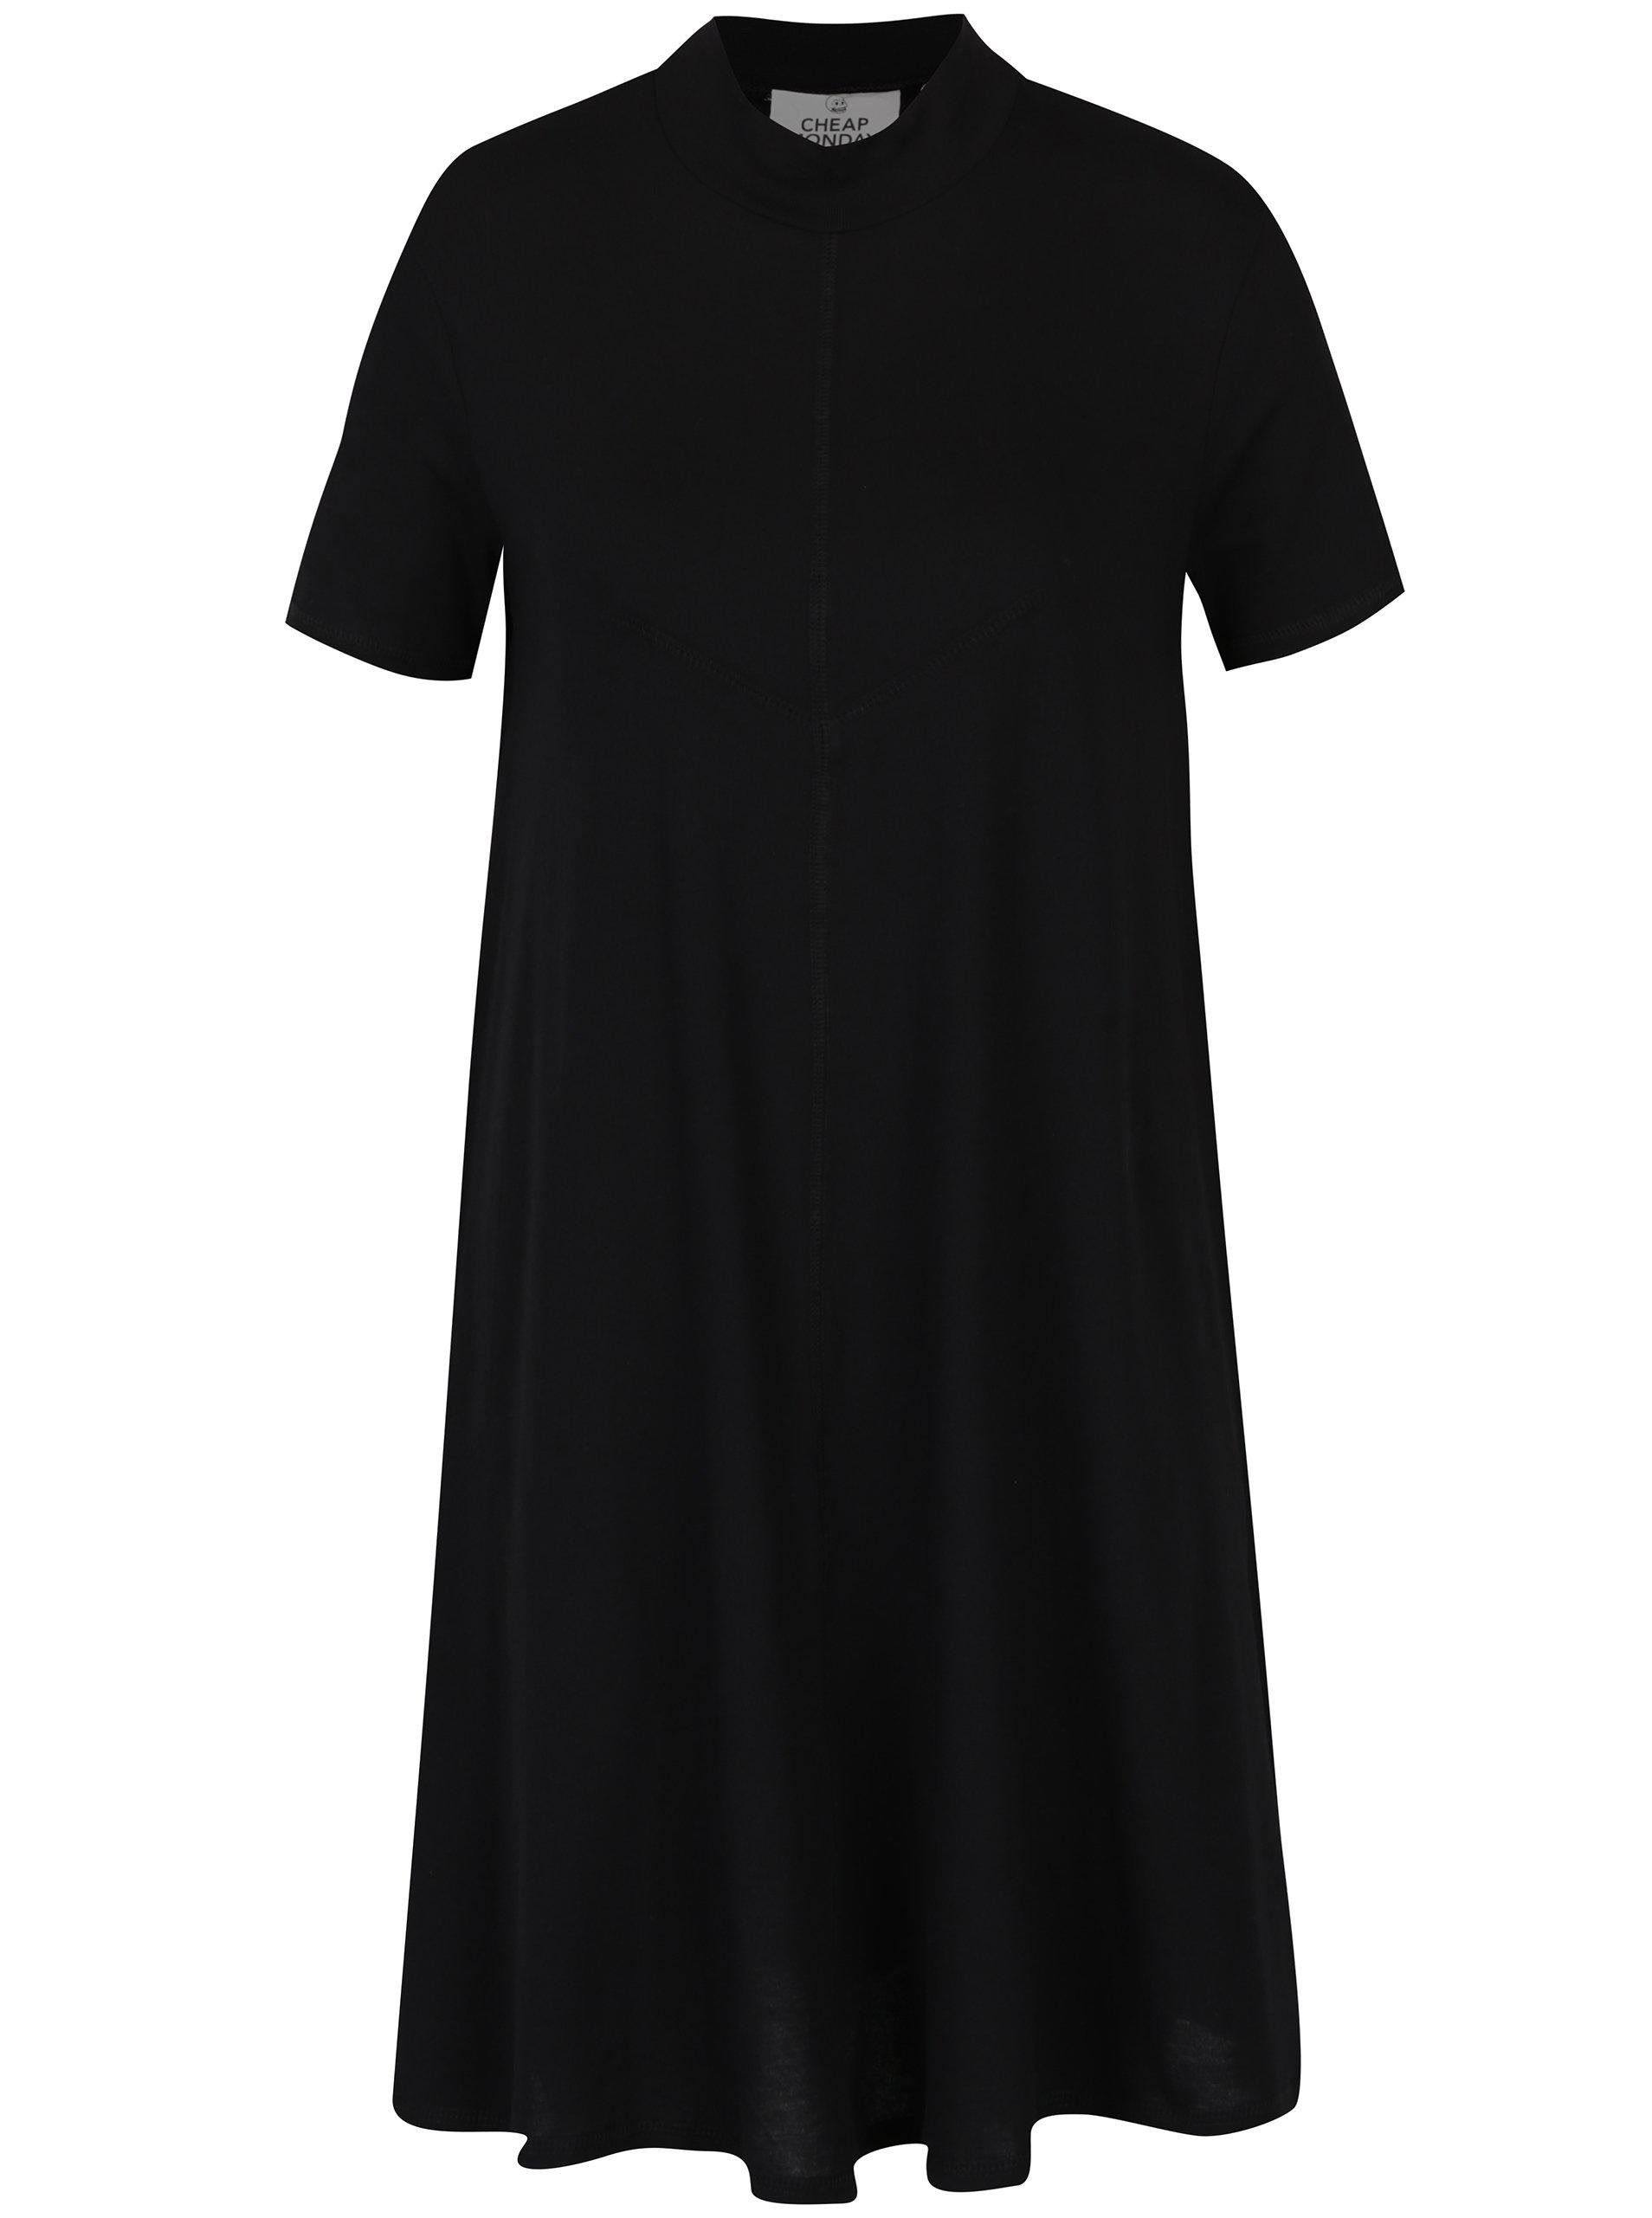 Černé volné šaty s krátkým rukávem Cheap Monday Jagged